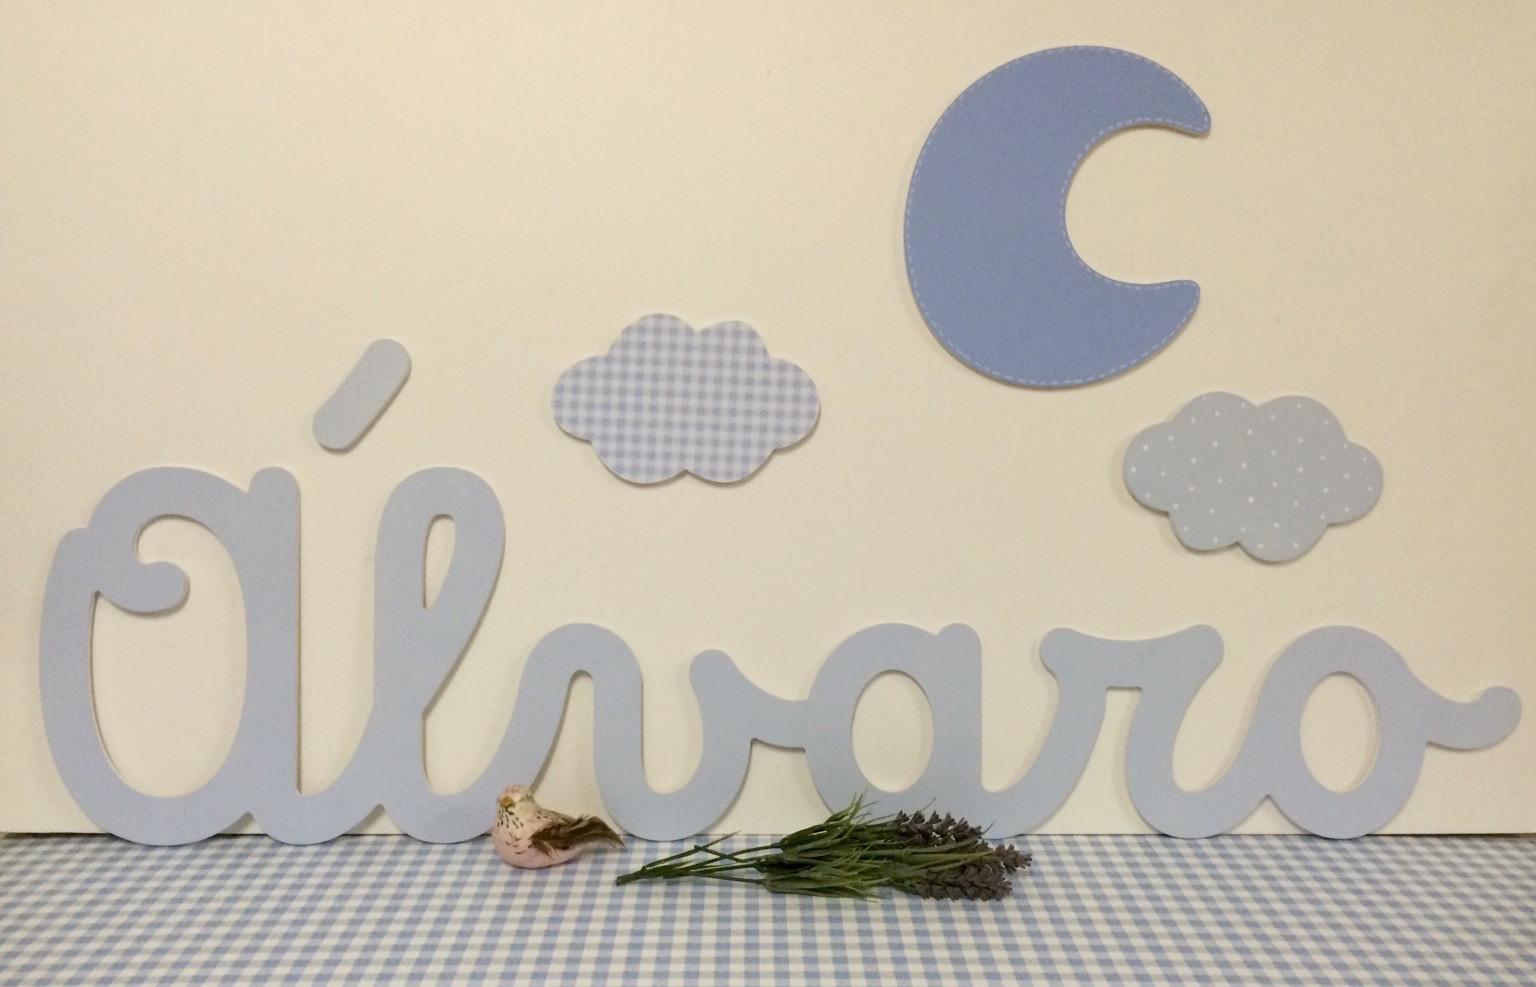 Letras decorativas para infantiles cool letras - Letras decorativas infantiles ...